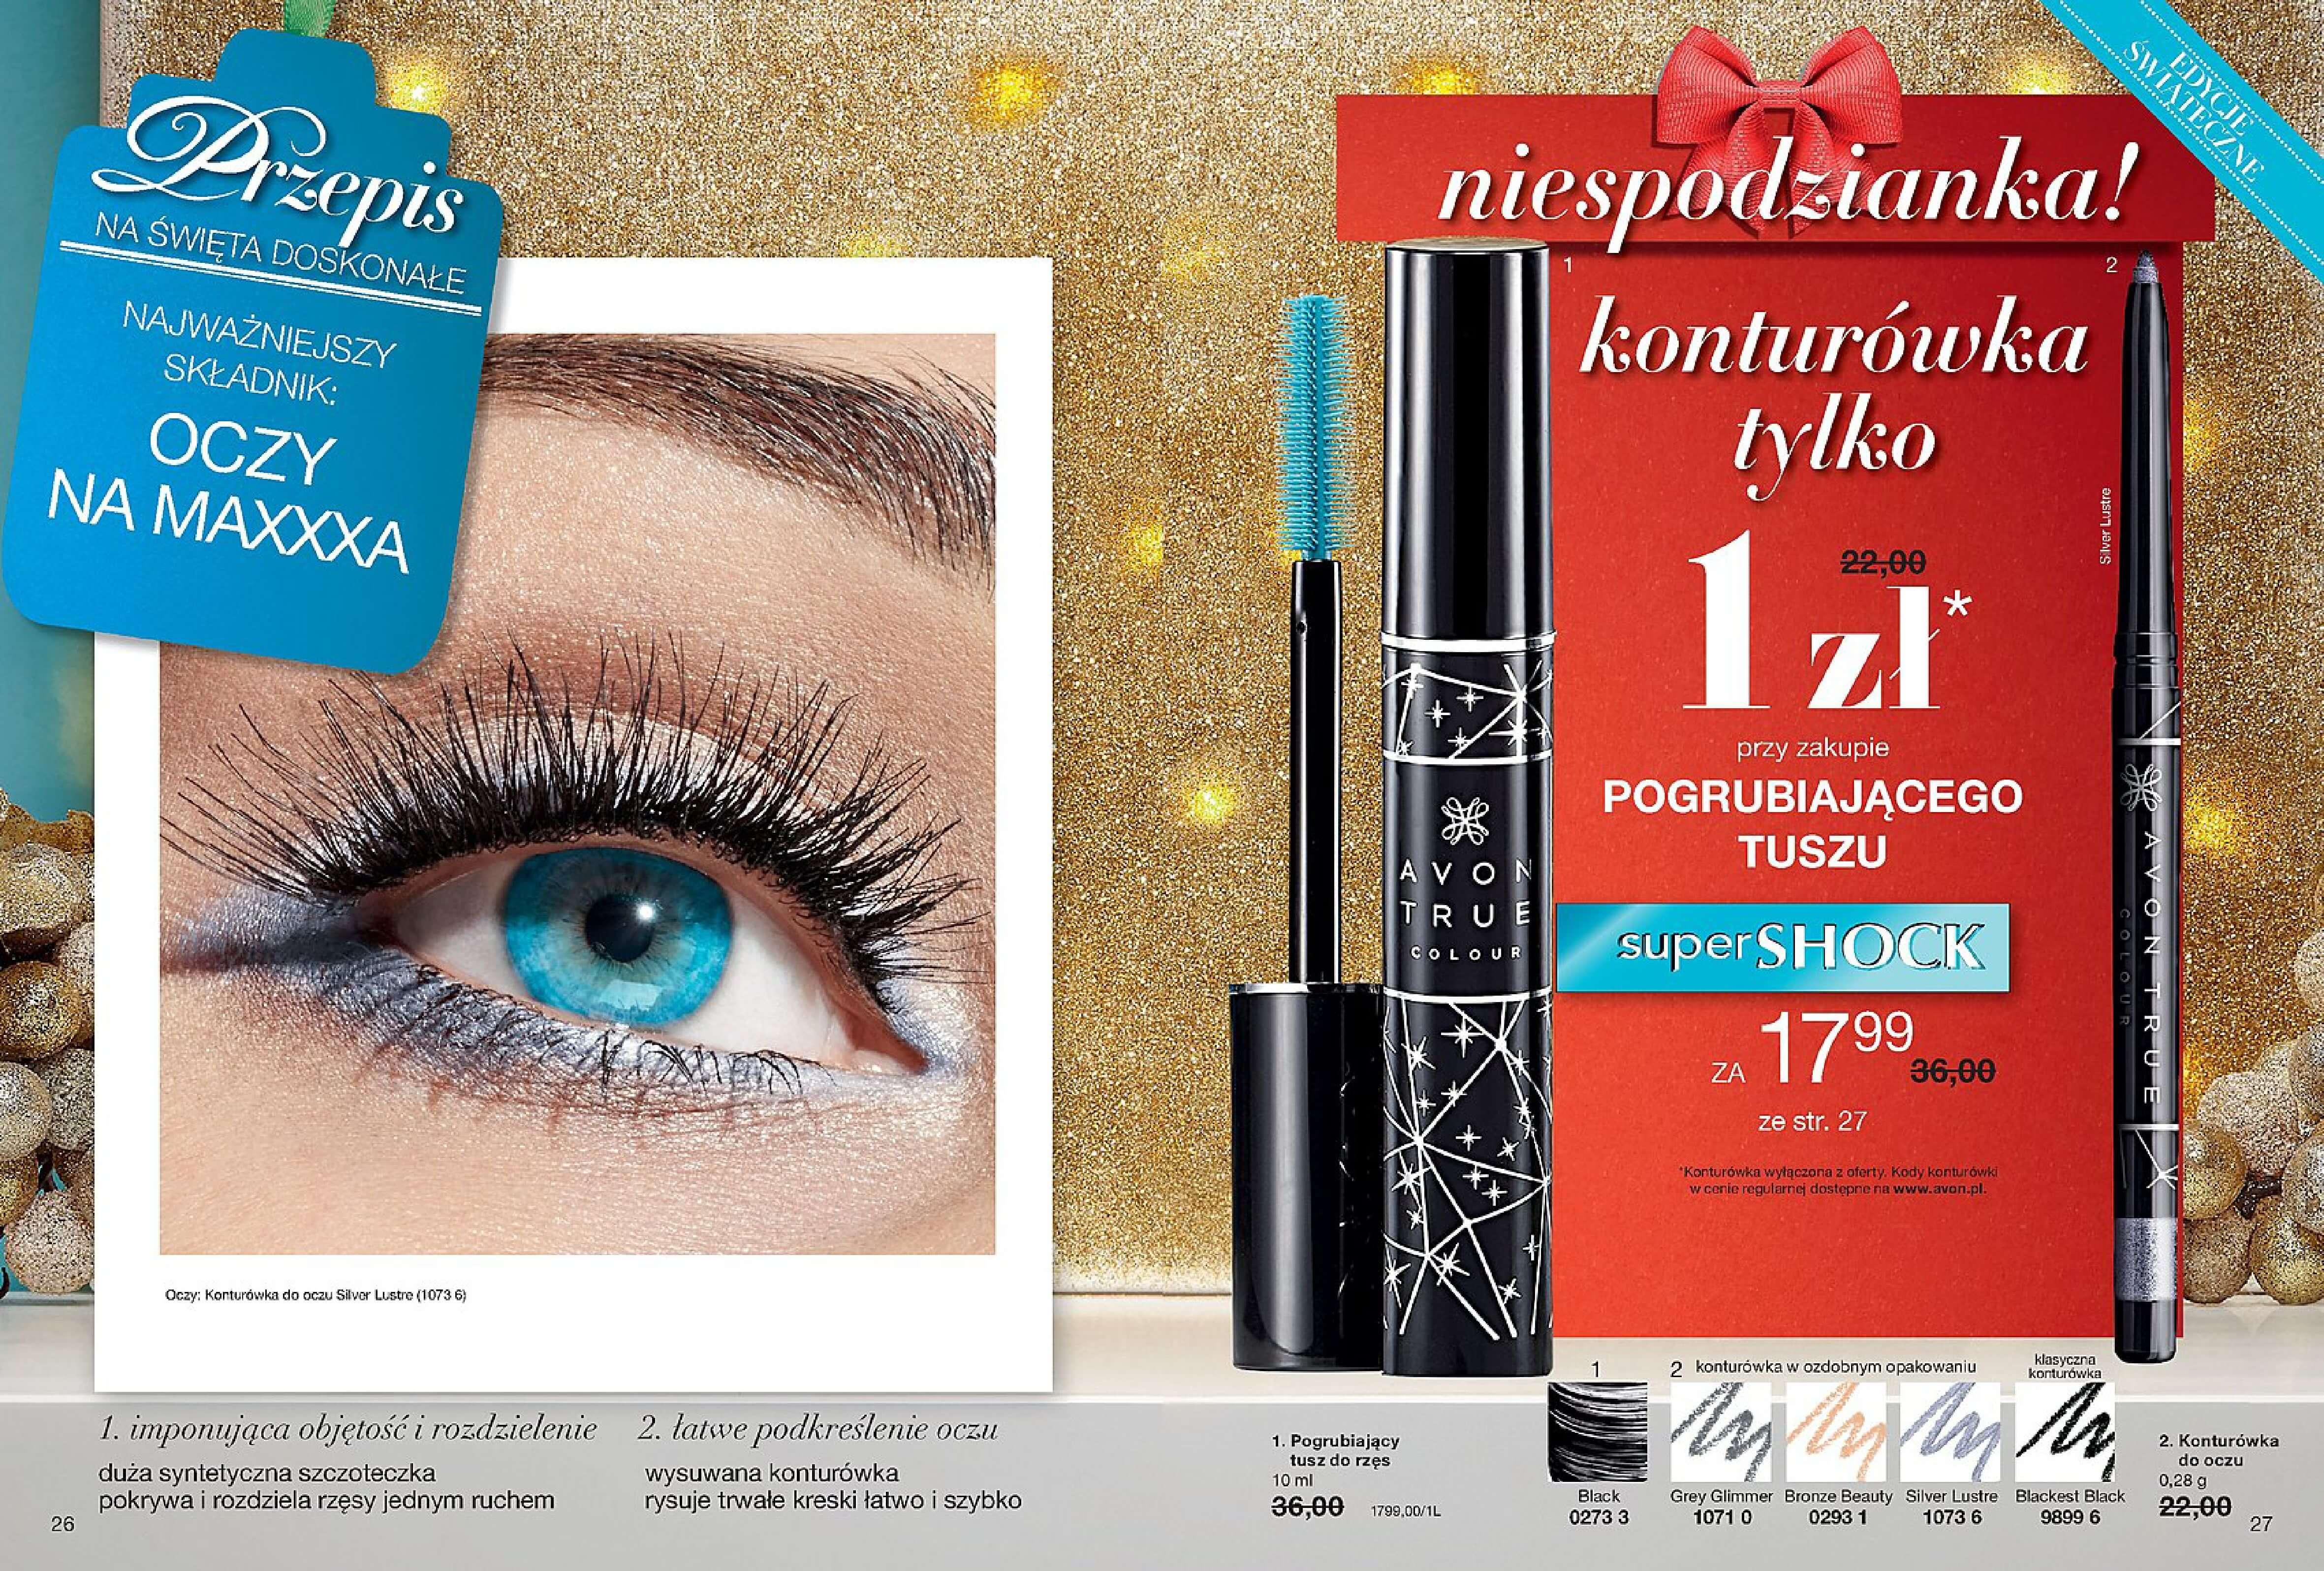 Gazetka Avon - Katalog 17/2017 Gwiazdka-29.11.2017-27.12.2017-page-14